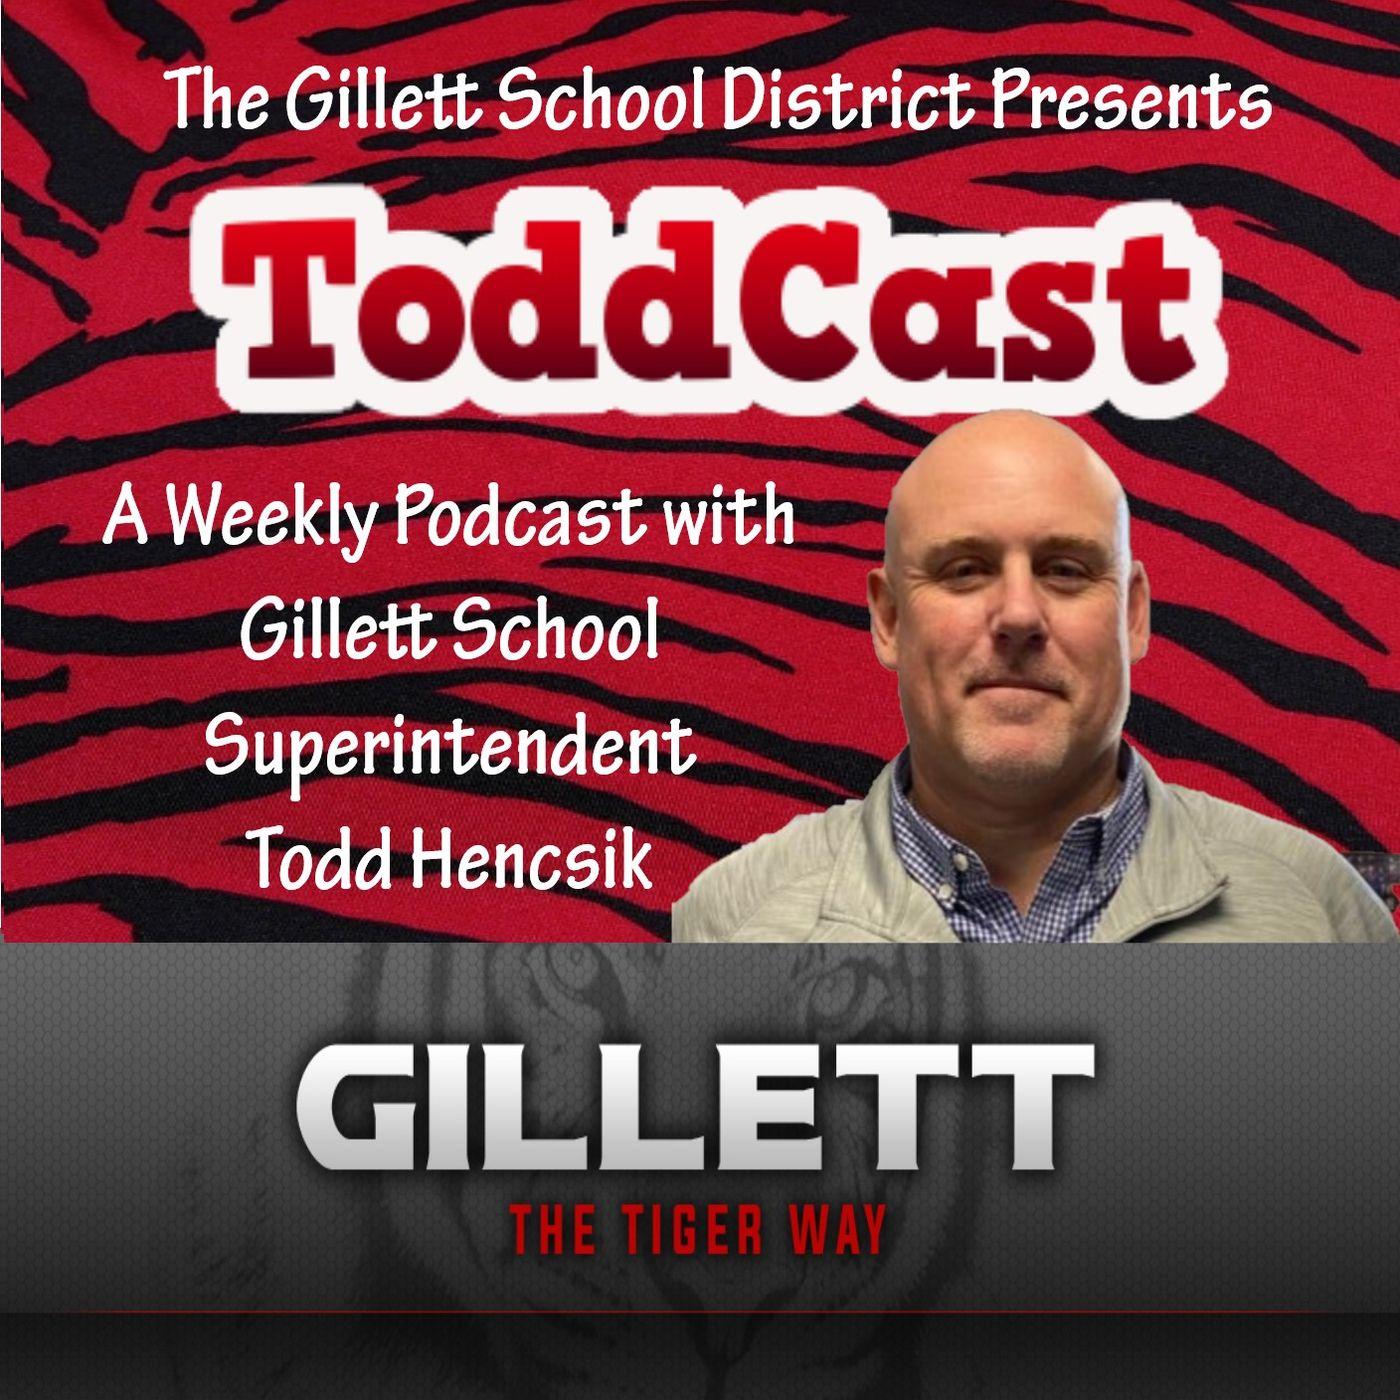 Gillett Schools ToddCast w/ Todd Hencsik